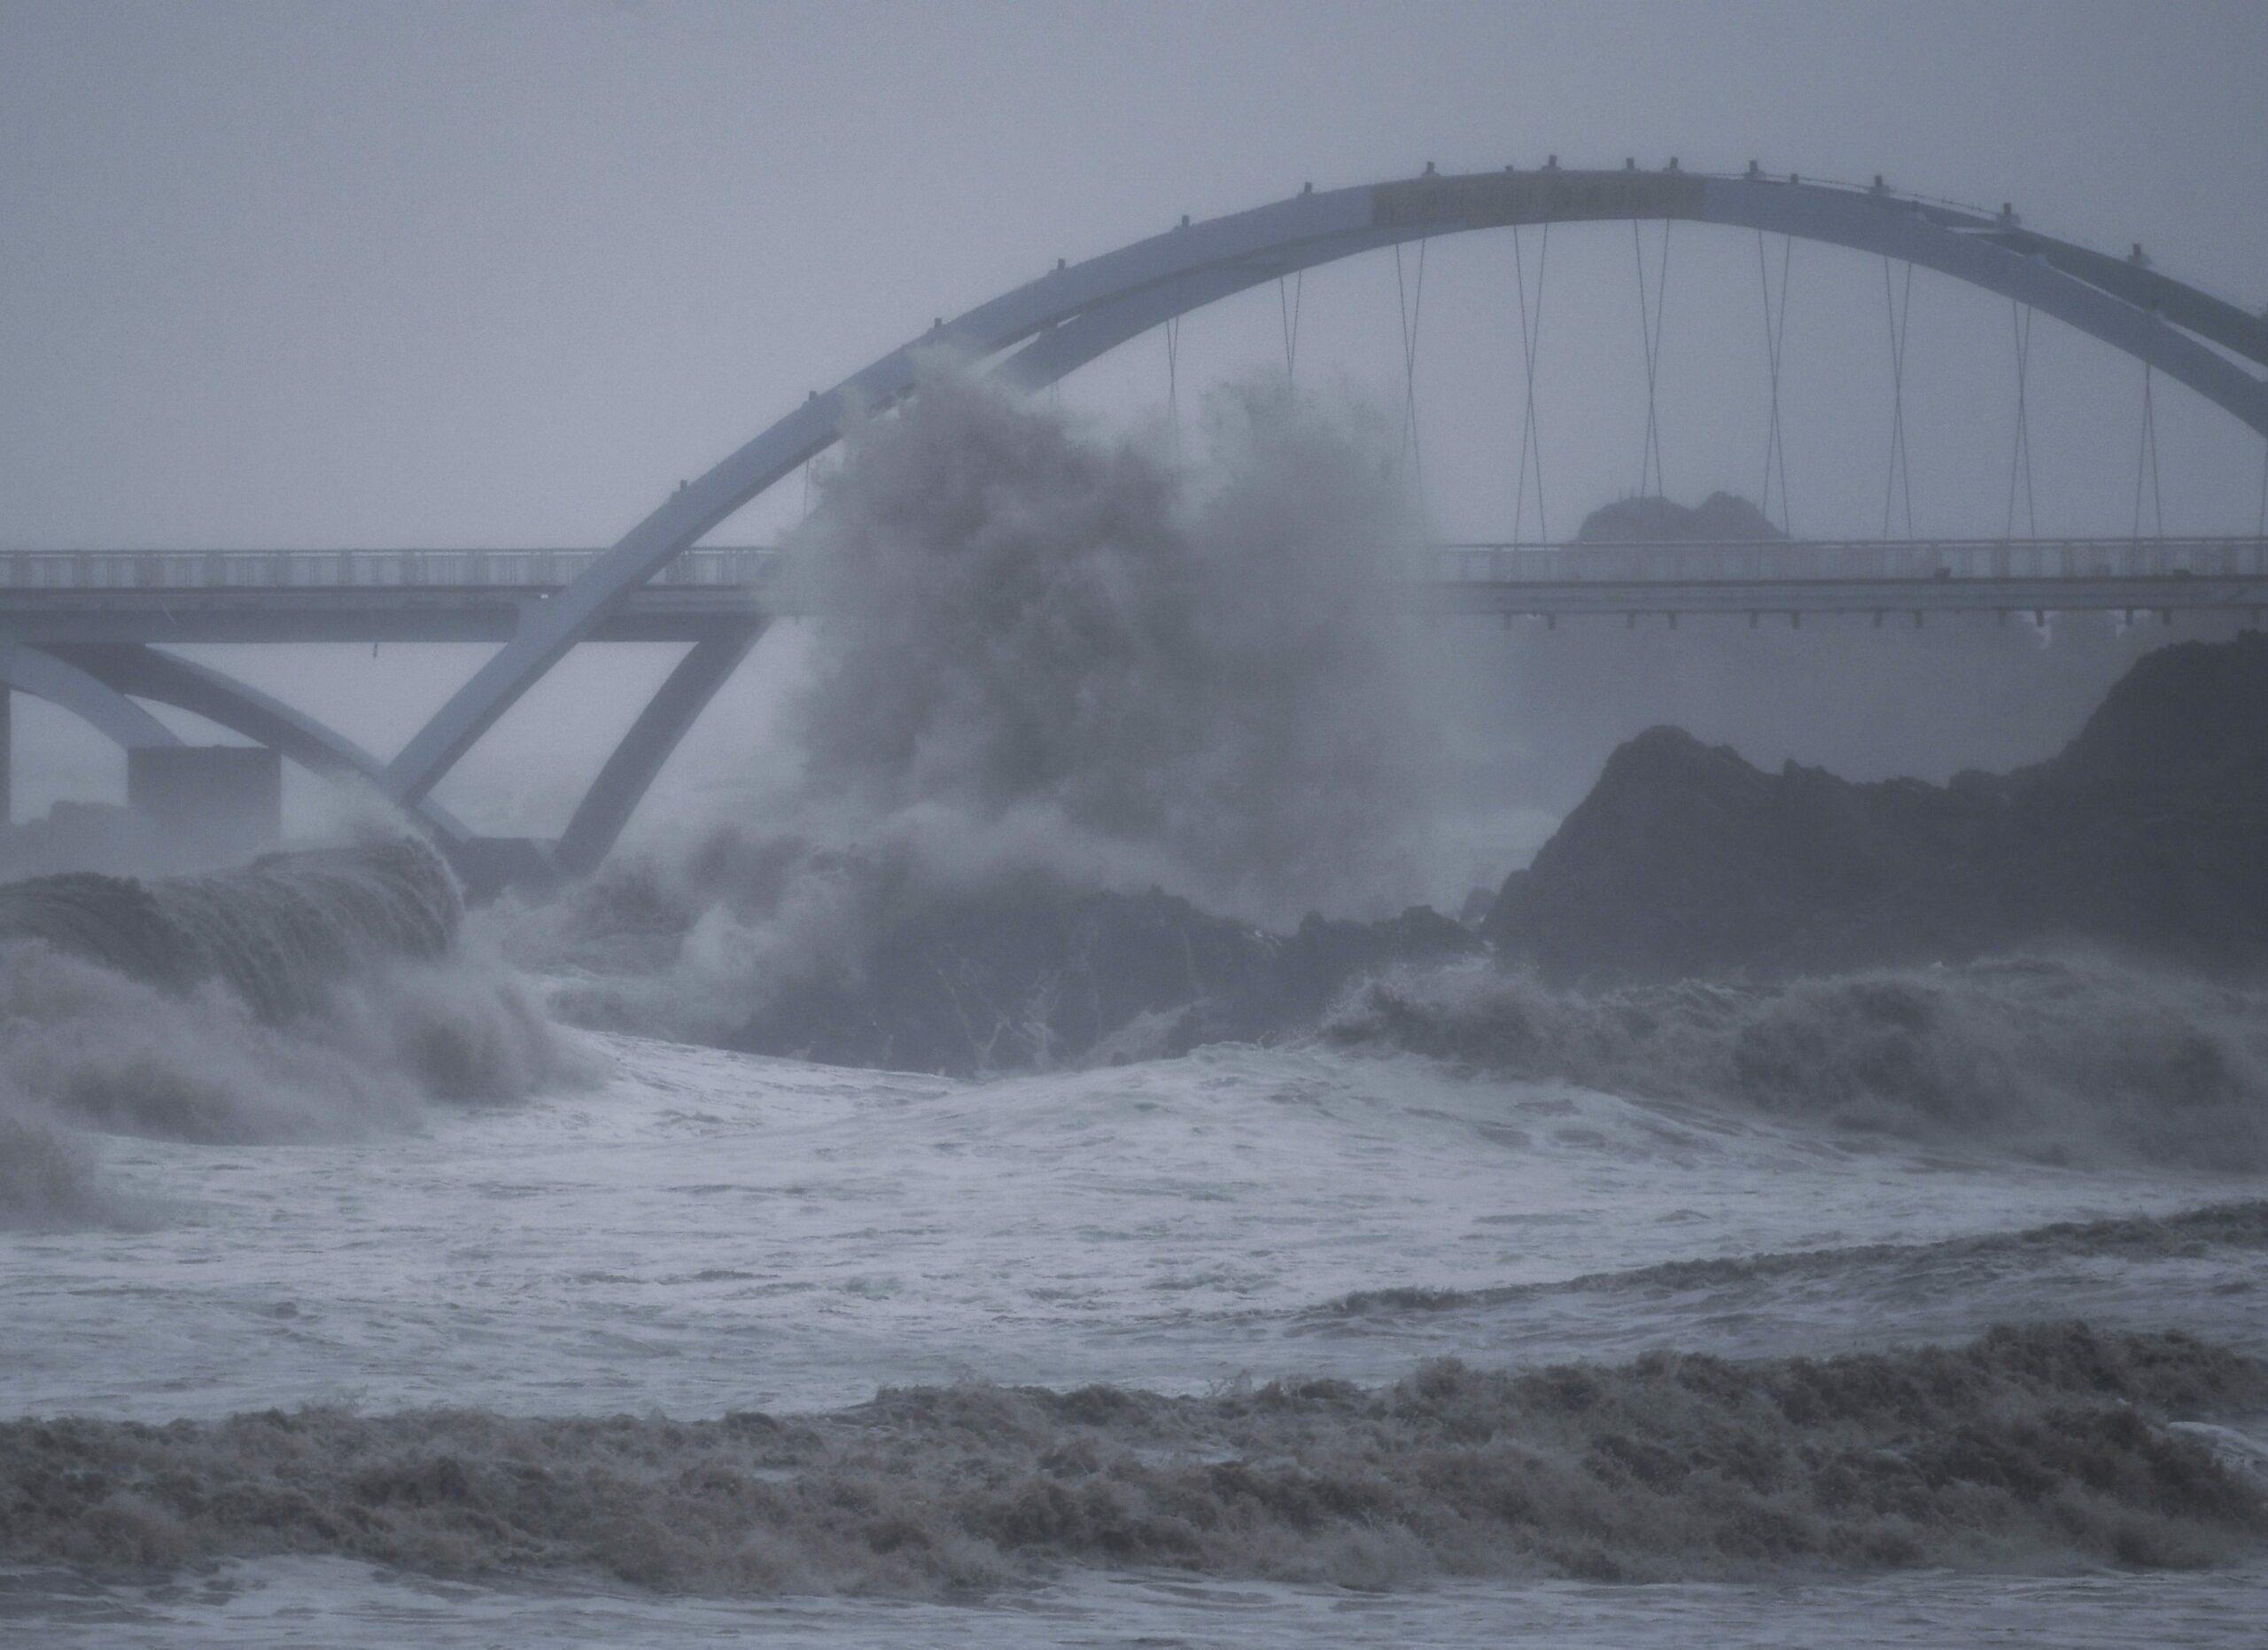 ไต้ฝุ่นจันทูแผลงฤทธิ์ กระทบแหล่งท่องเที่ยว-ท่าเรือใหญ่สุดในจีน